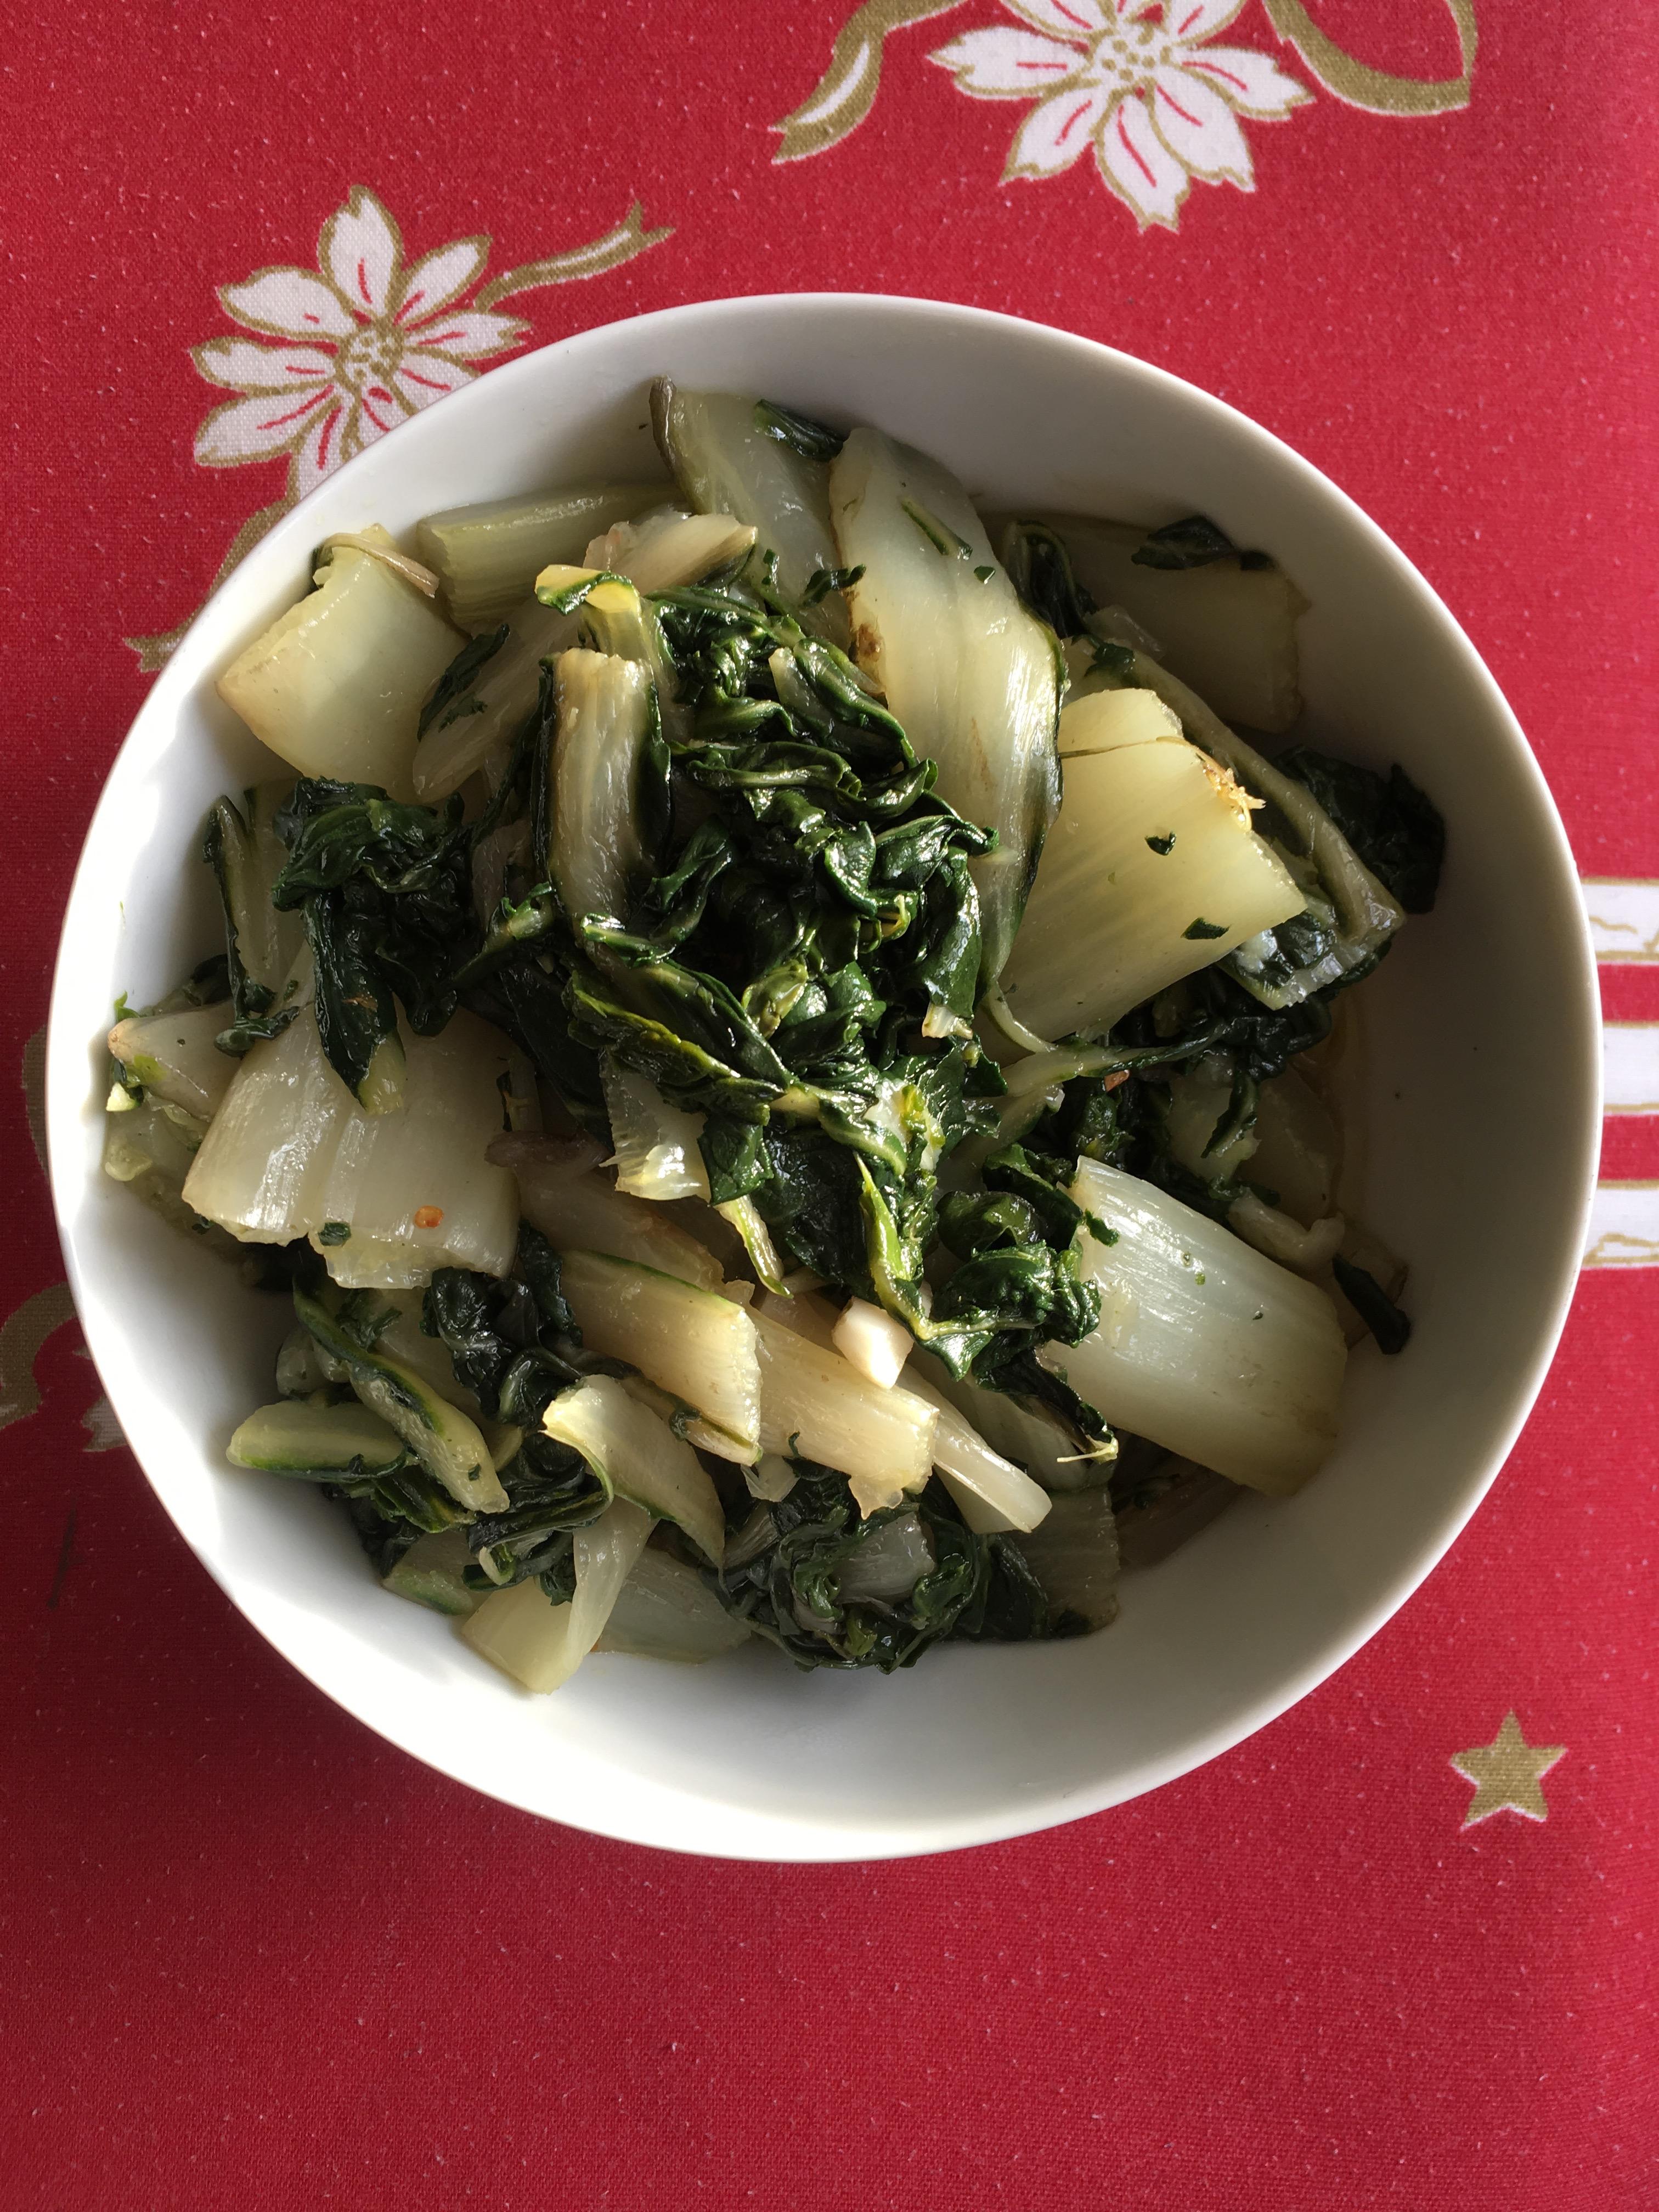 lifestyle-italienisches-weihnachtsessen-essen-weihnachten-heiligabend-weihnachtsmenue-8-3